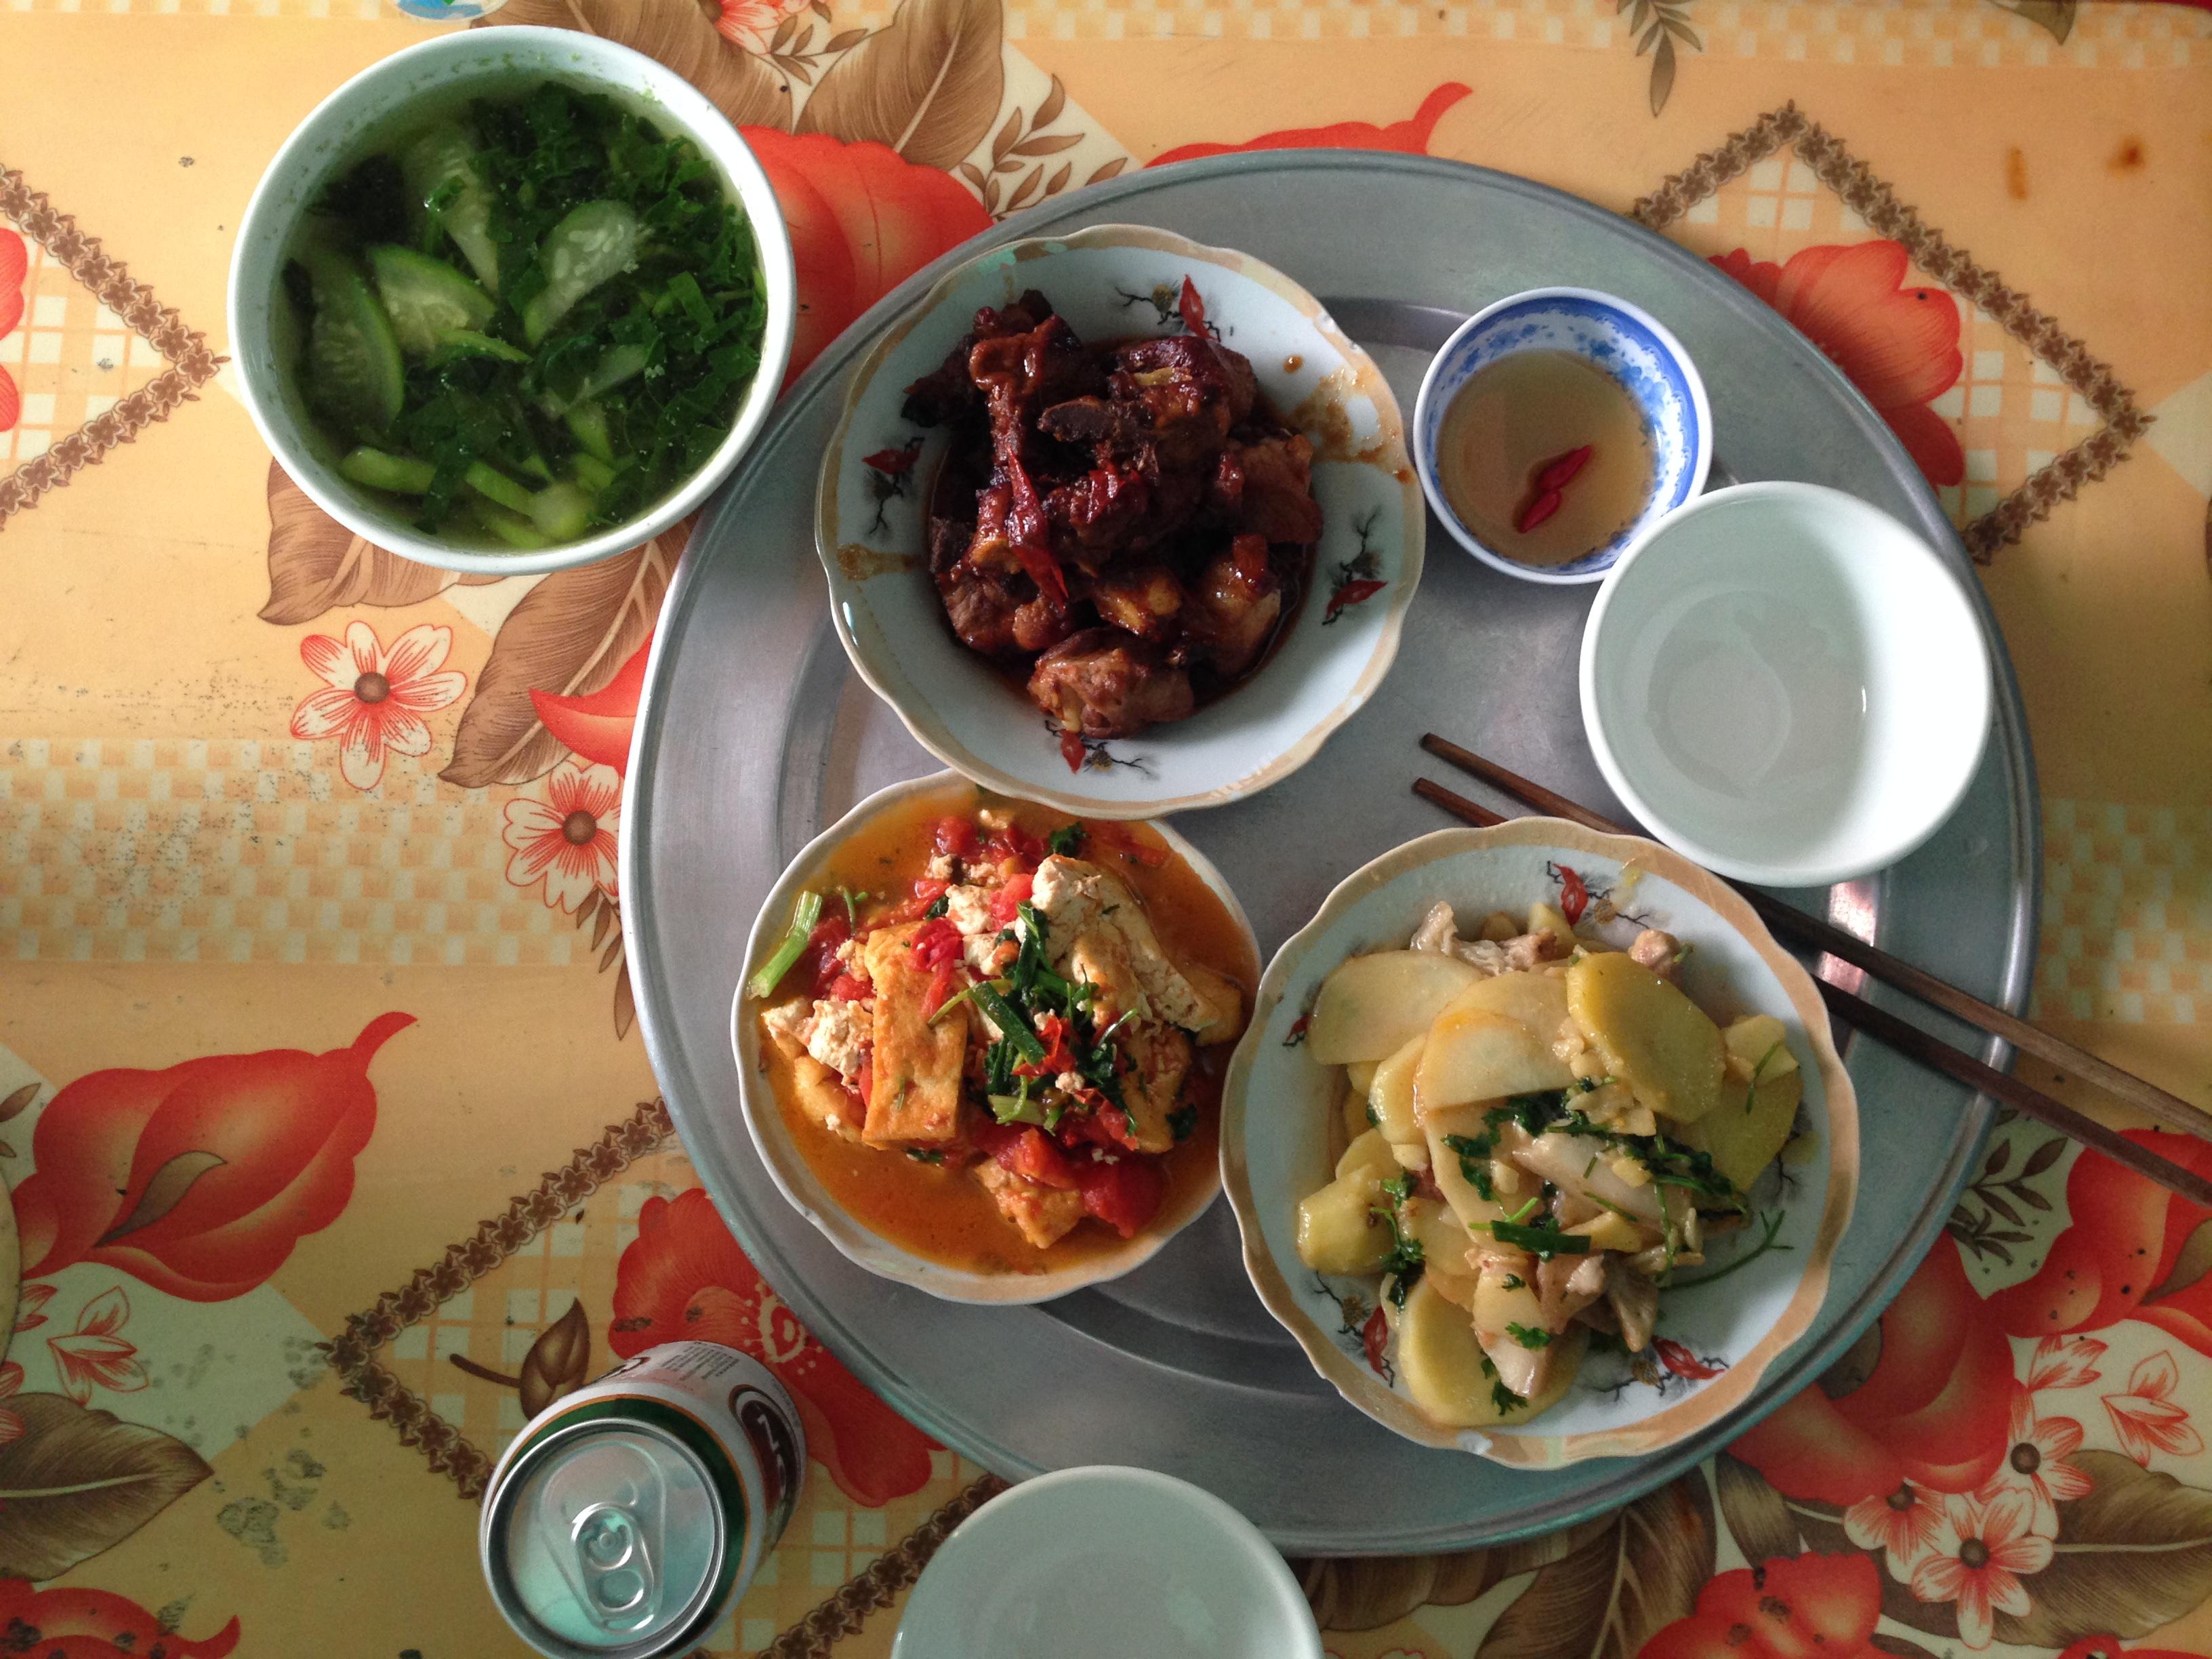 Một bữa cơm của gia đình Việt Nam hiện đại dọn trên mâm tròn với nguyên liệu đa dạng: sườn, đậu phụ, khoai tây, cà chua, bầu, mồng tơi và nước mắm ớt